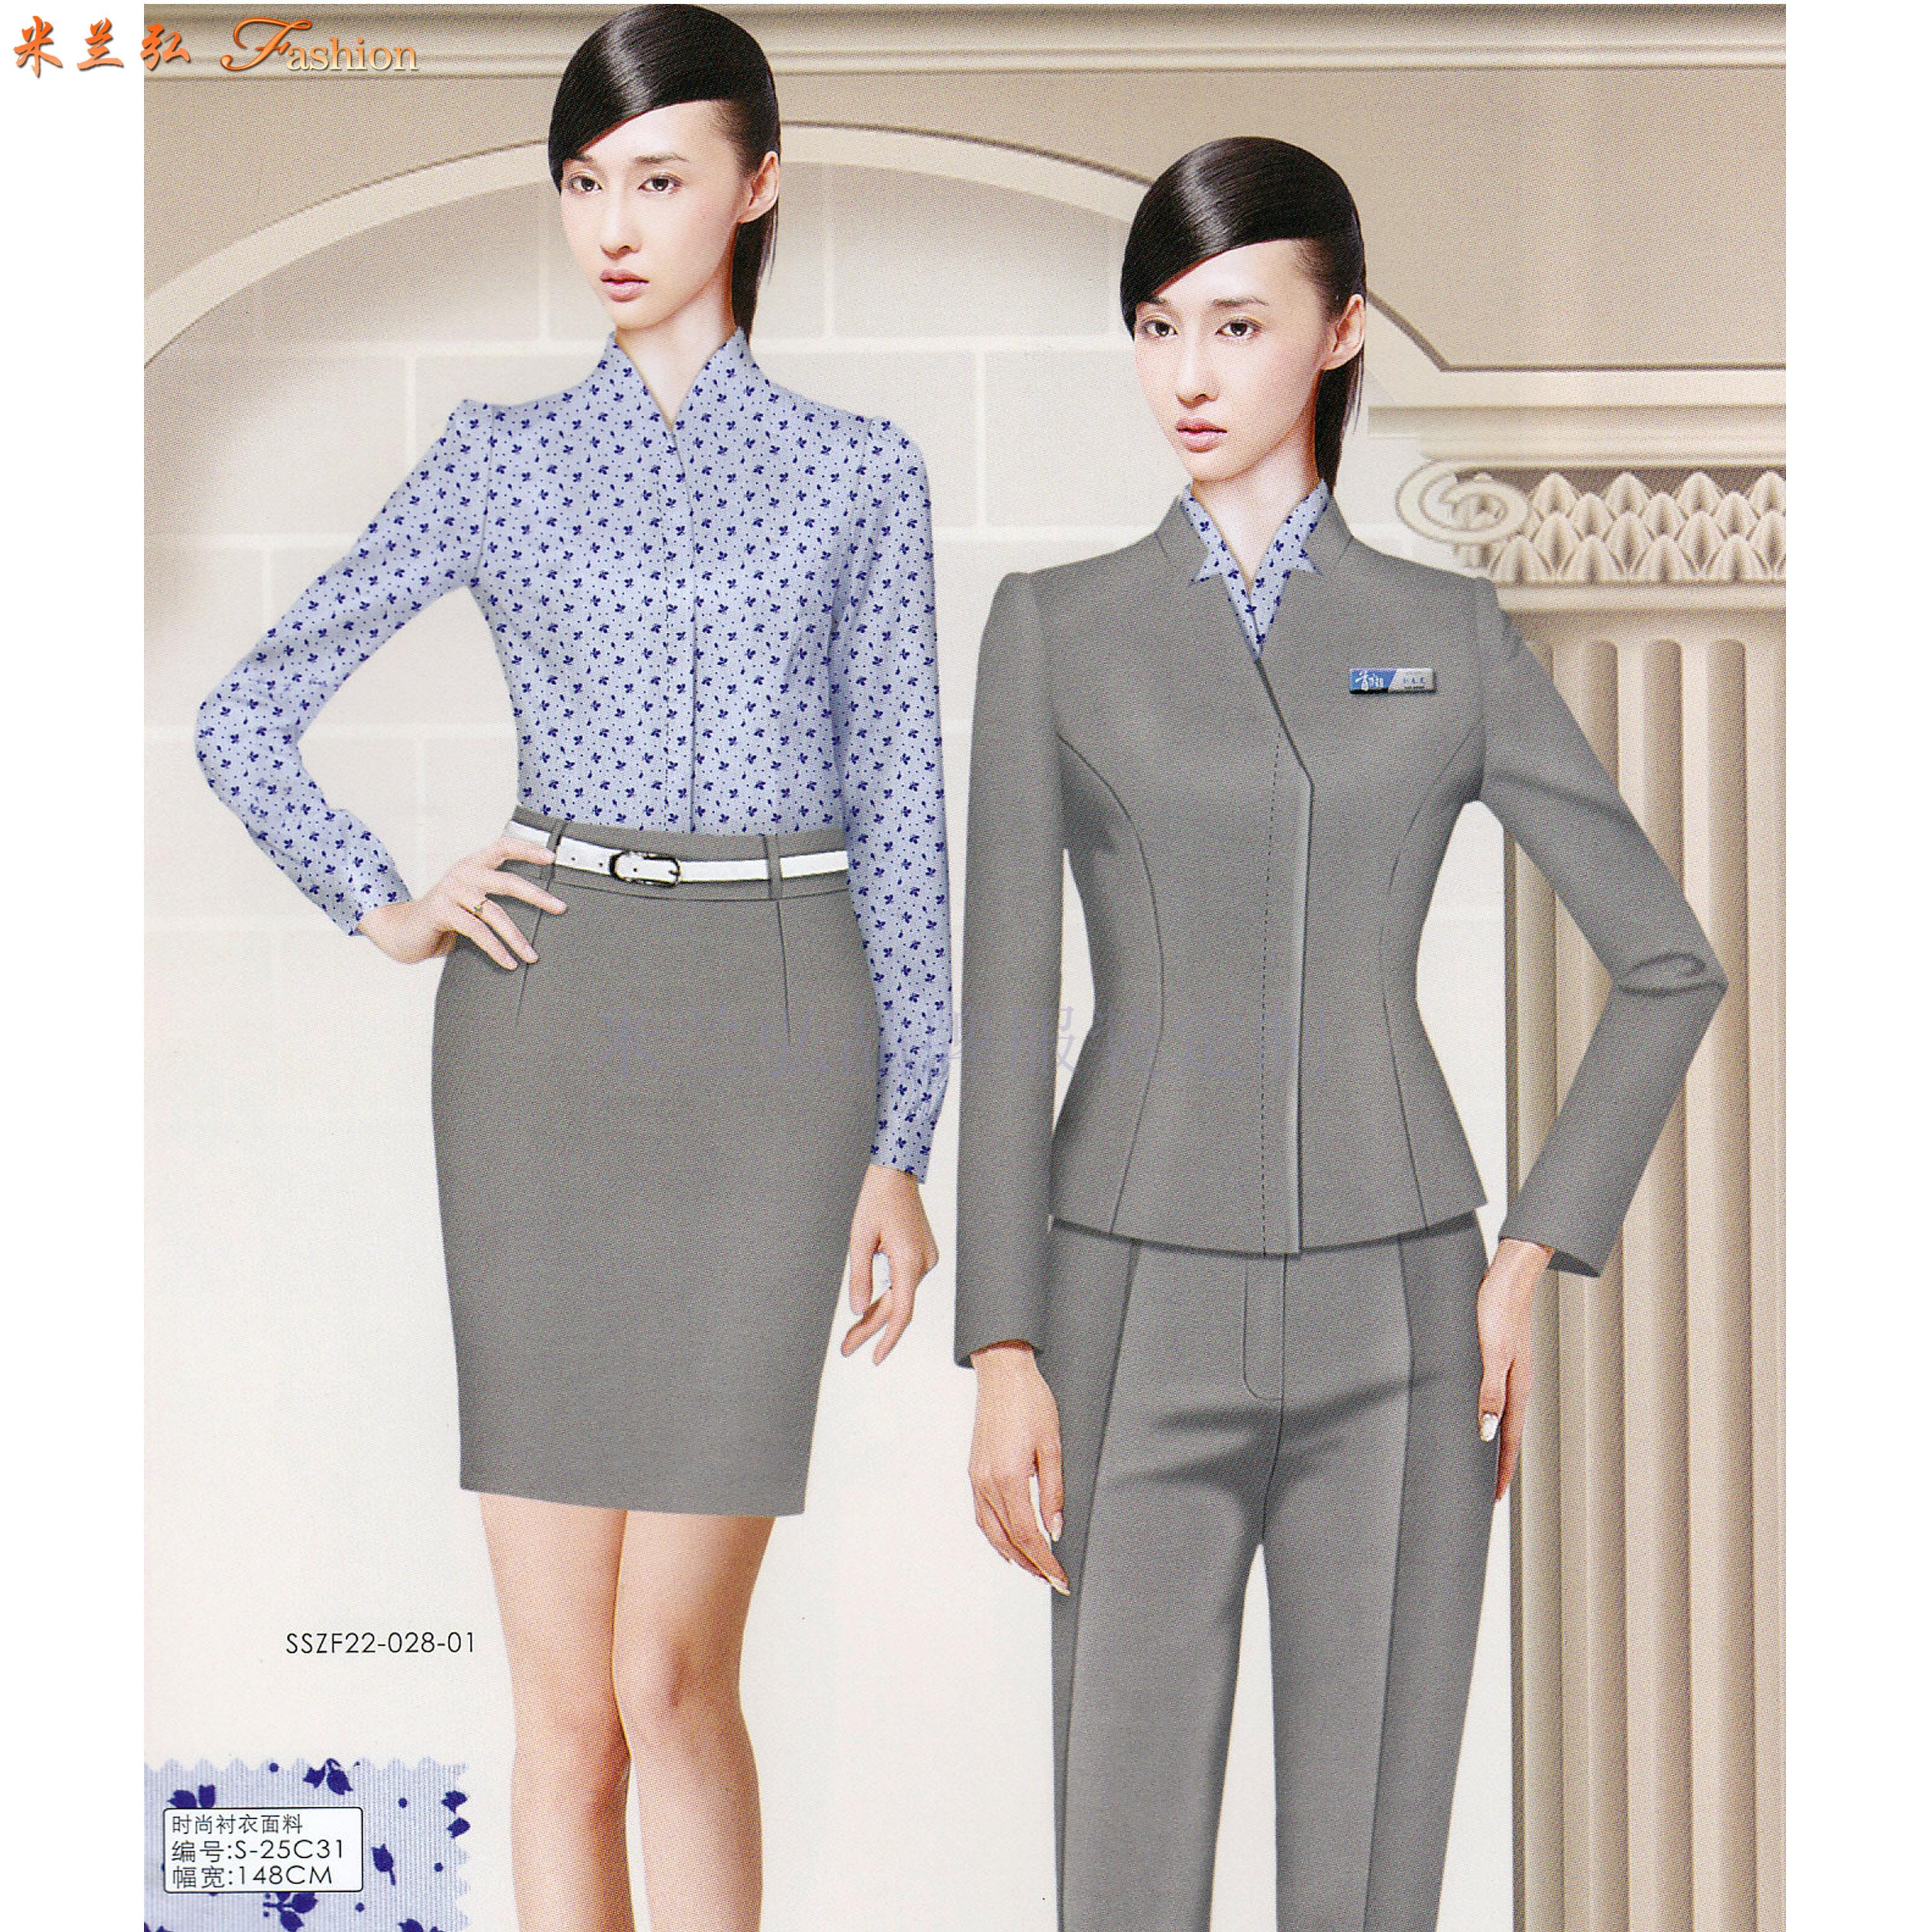 「定制職業裝廠」北京量身定制職業裝廠家-米蘭弘職業裝-2